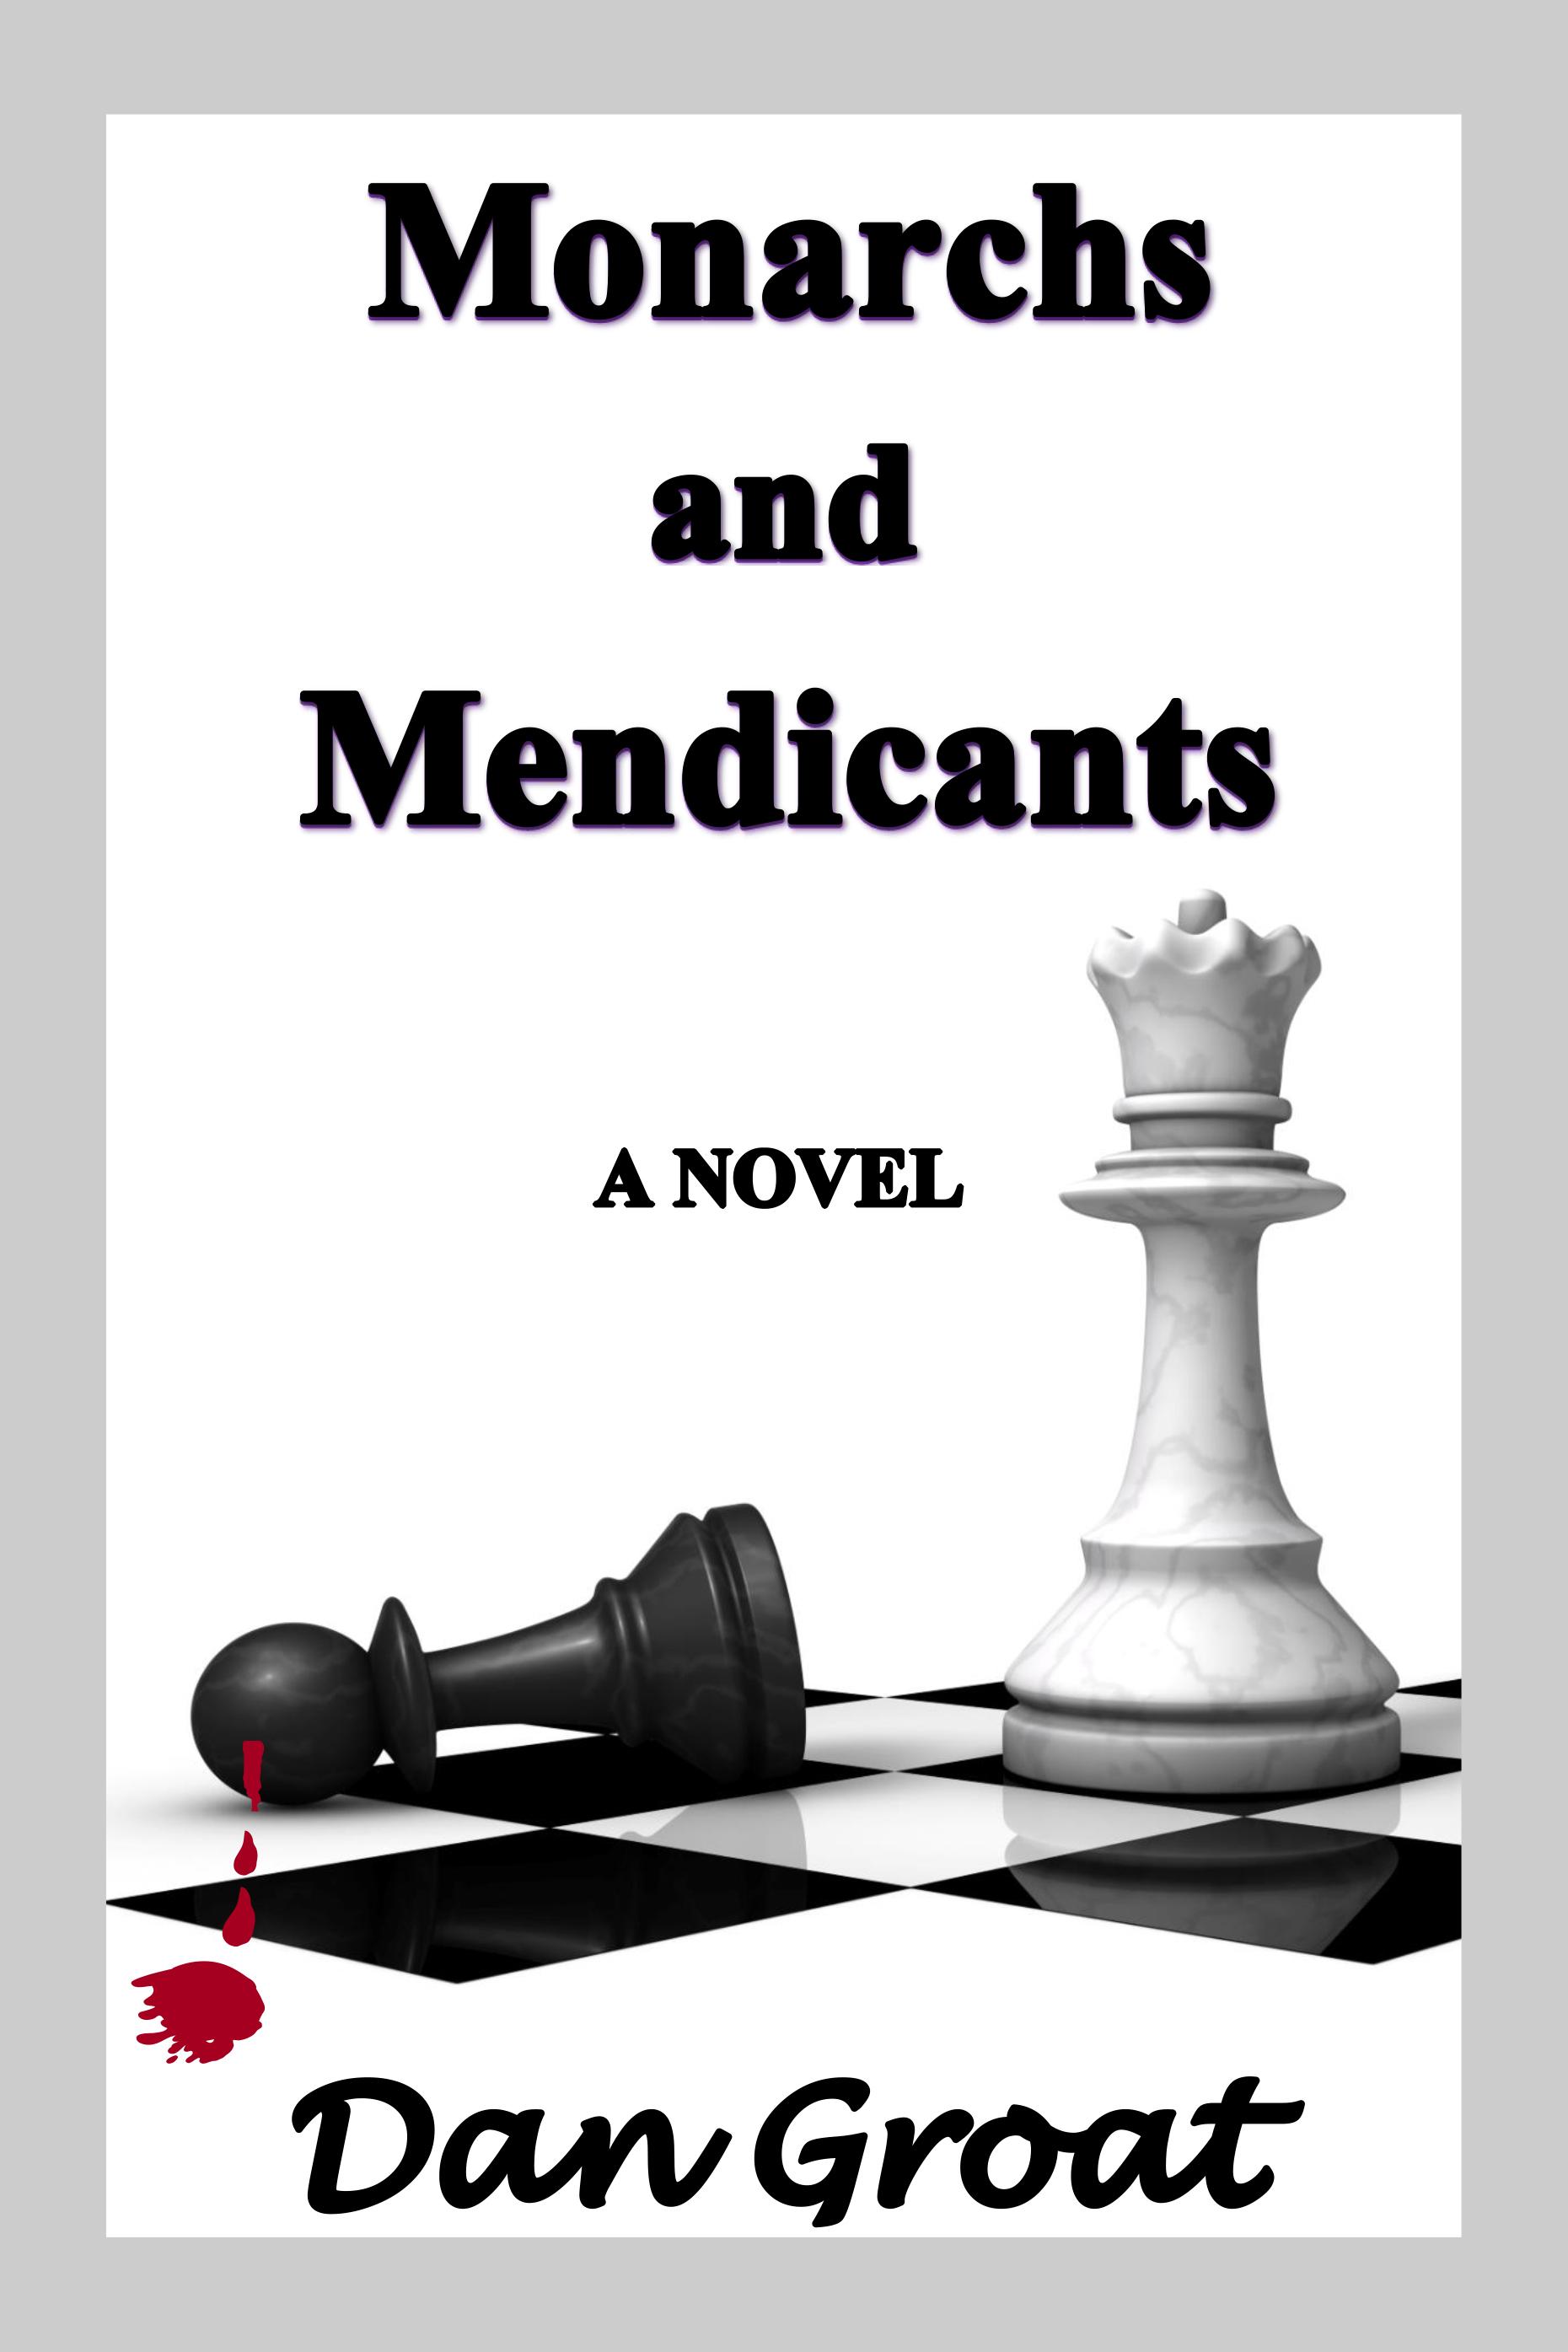 Monarchs and Mendicants